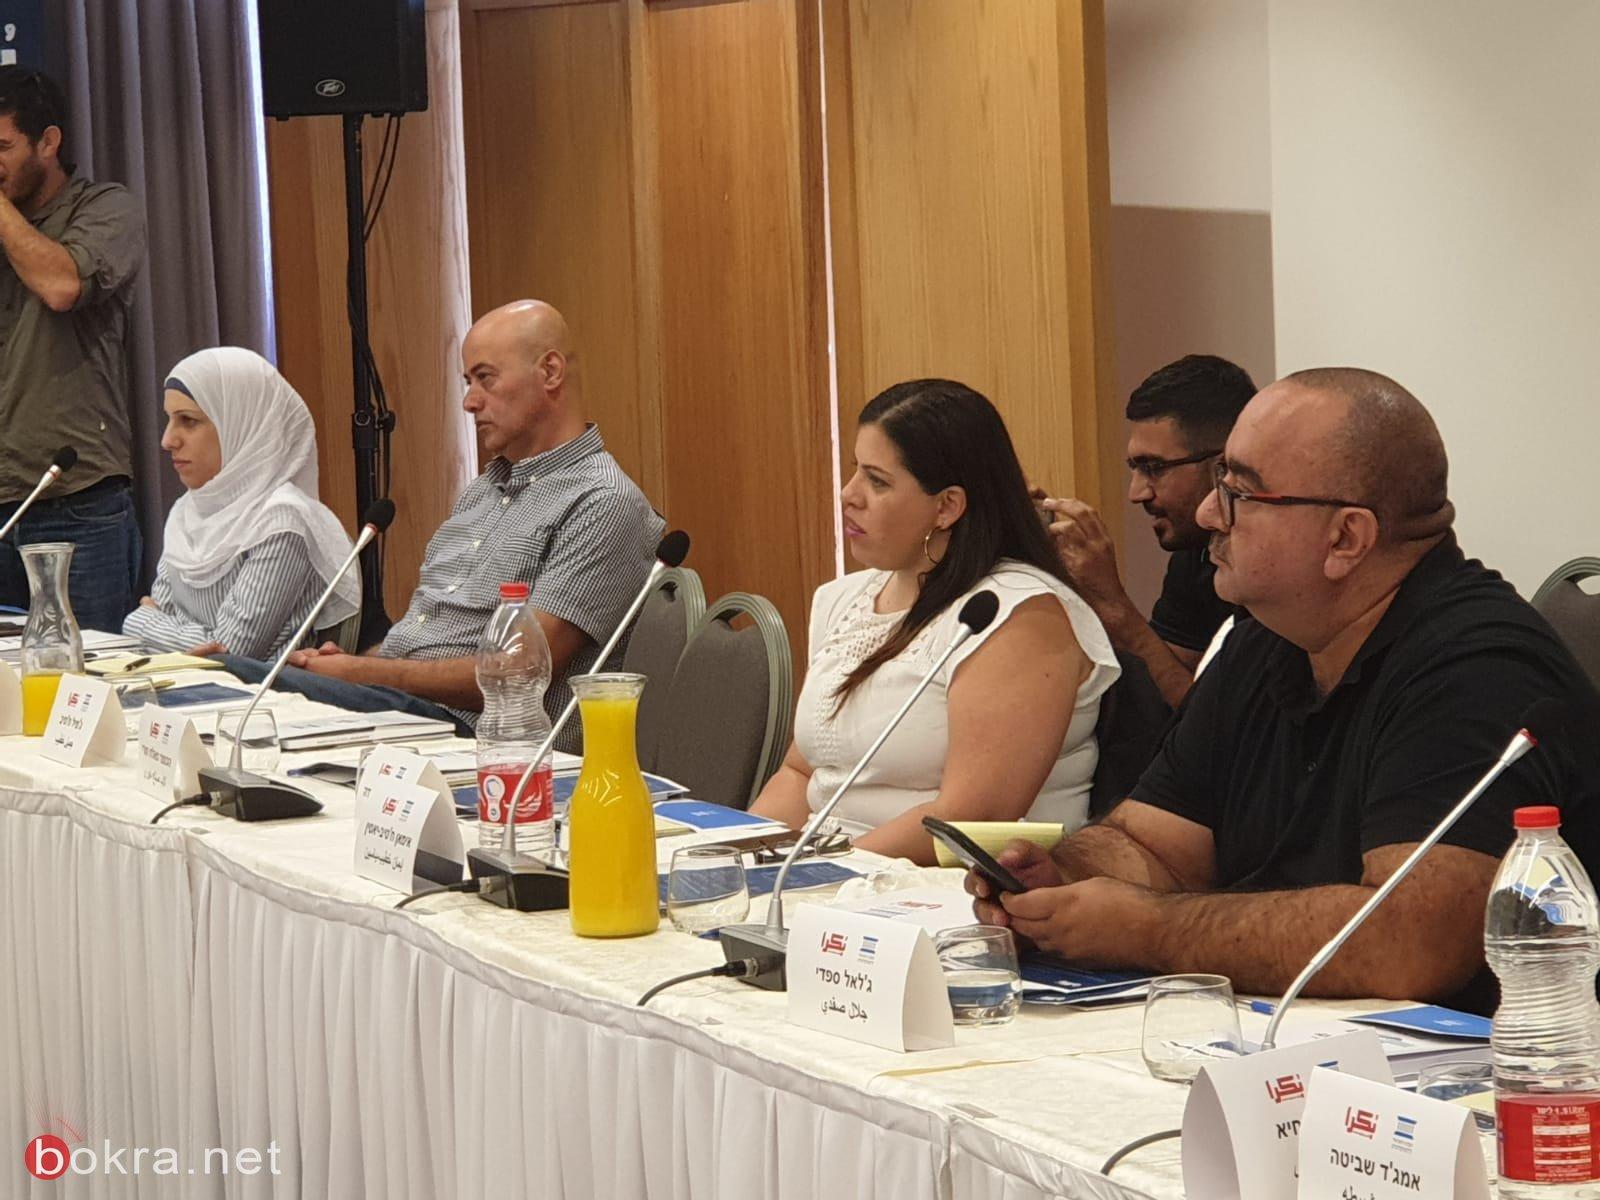 العنف في المجتمع العربي، أسبابه، والحلول لمكافحته؟ .. يوم دراسي في الناصرة-85